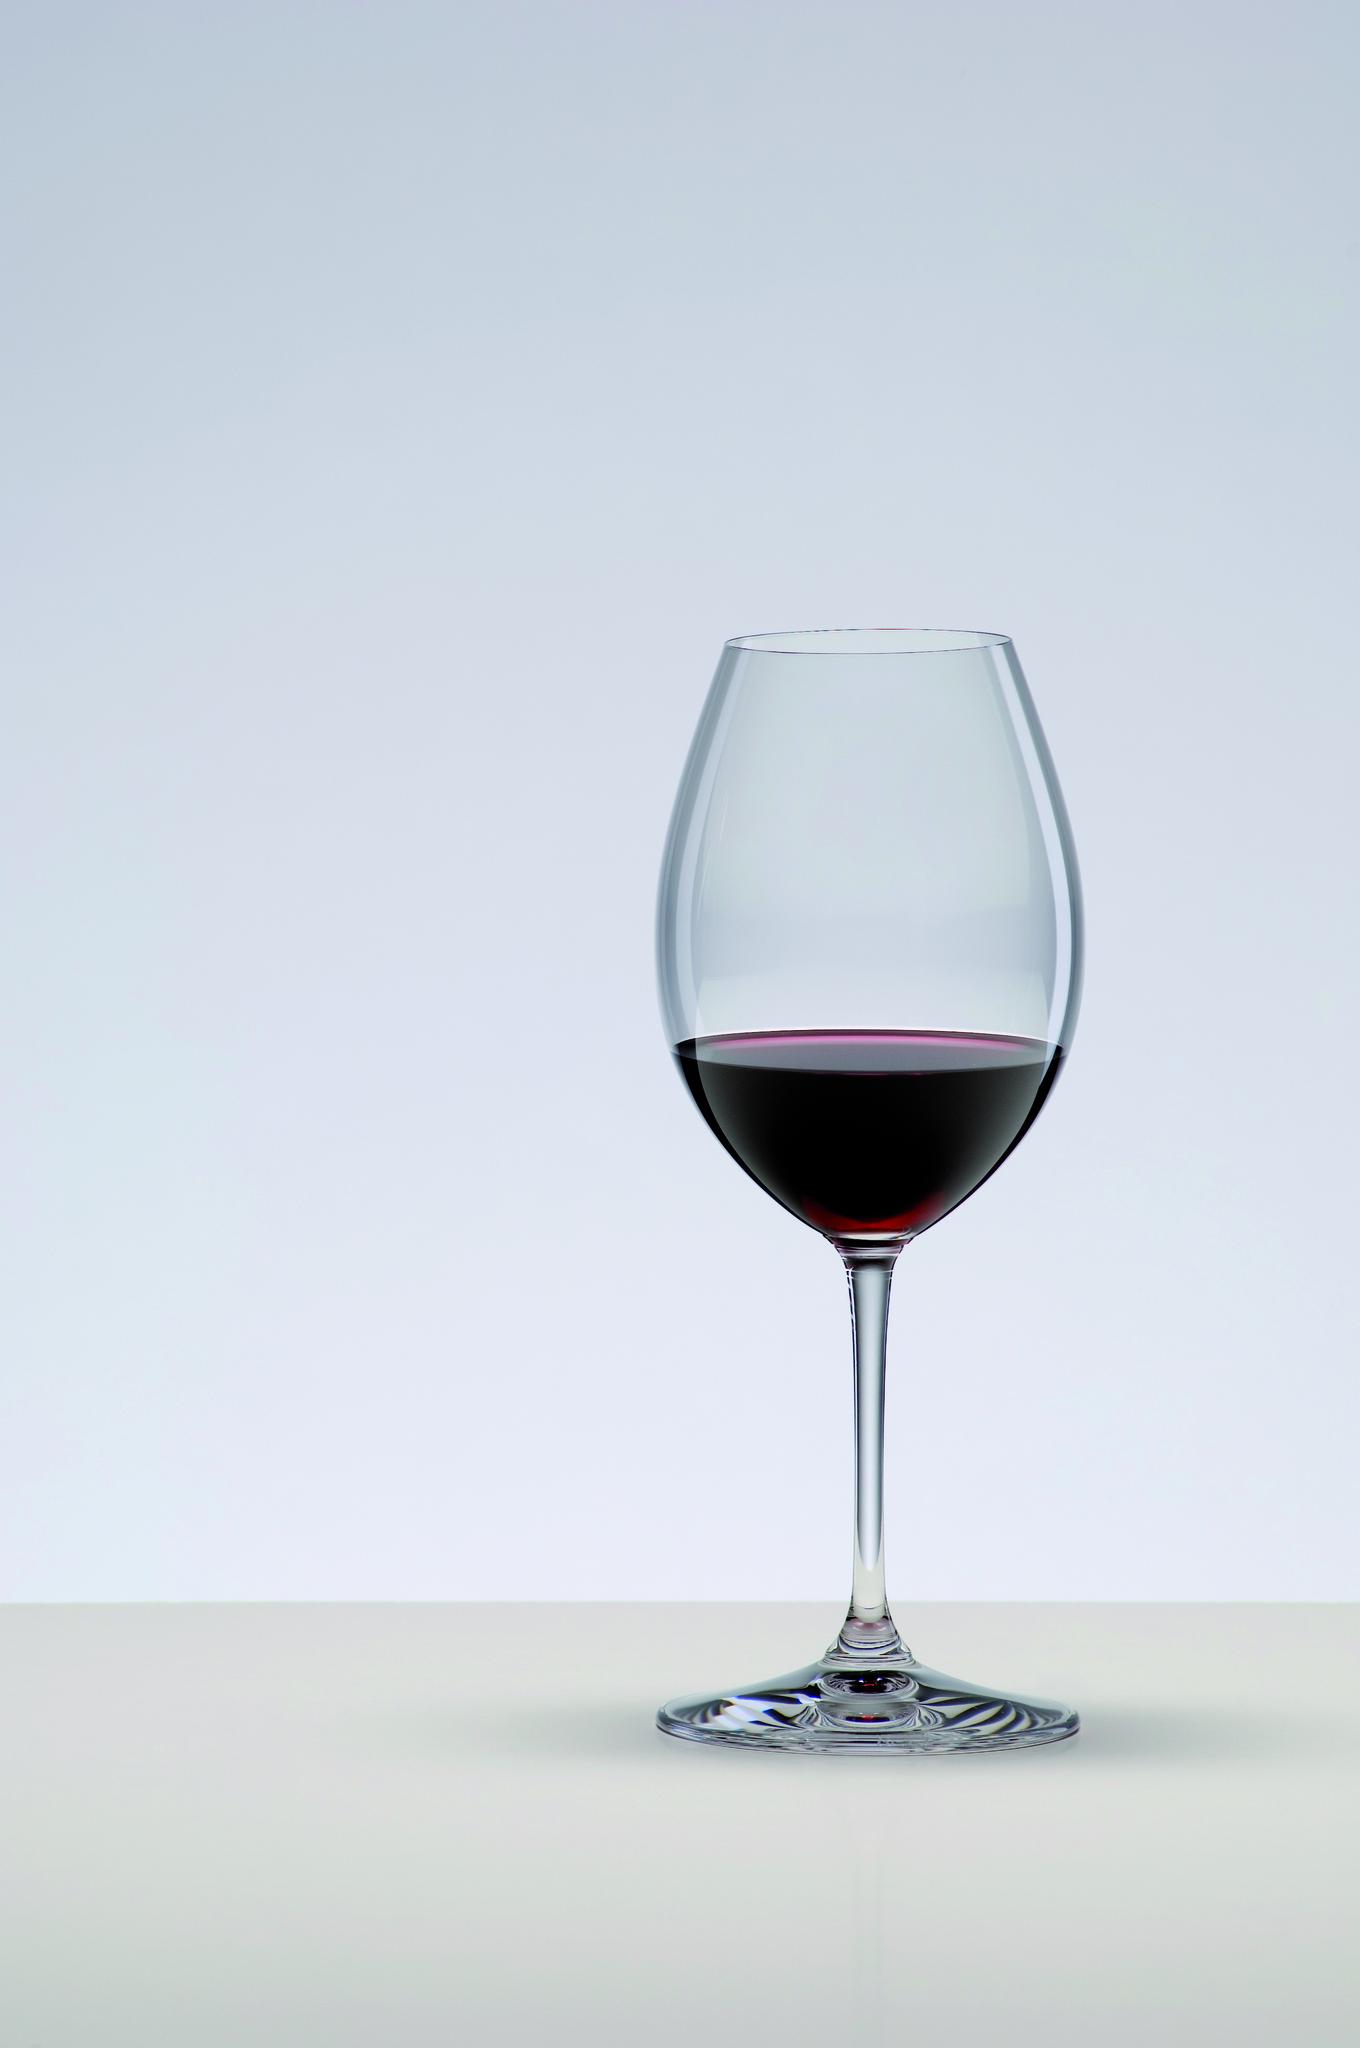 Бокалы Набор бокалов для красного вина 2шт 590мл Riedel Vinum XL Syrah/Shiraz nabor-bokalov-dlya-krasnogo-vina-2-sht-590-ml-riedel-vinum-xl-syrahshiraz-avstriya.jpg